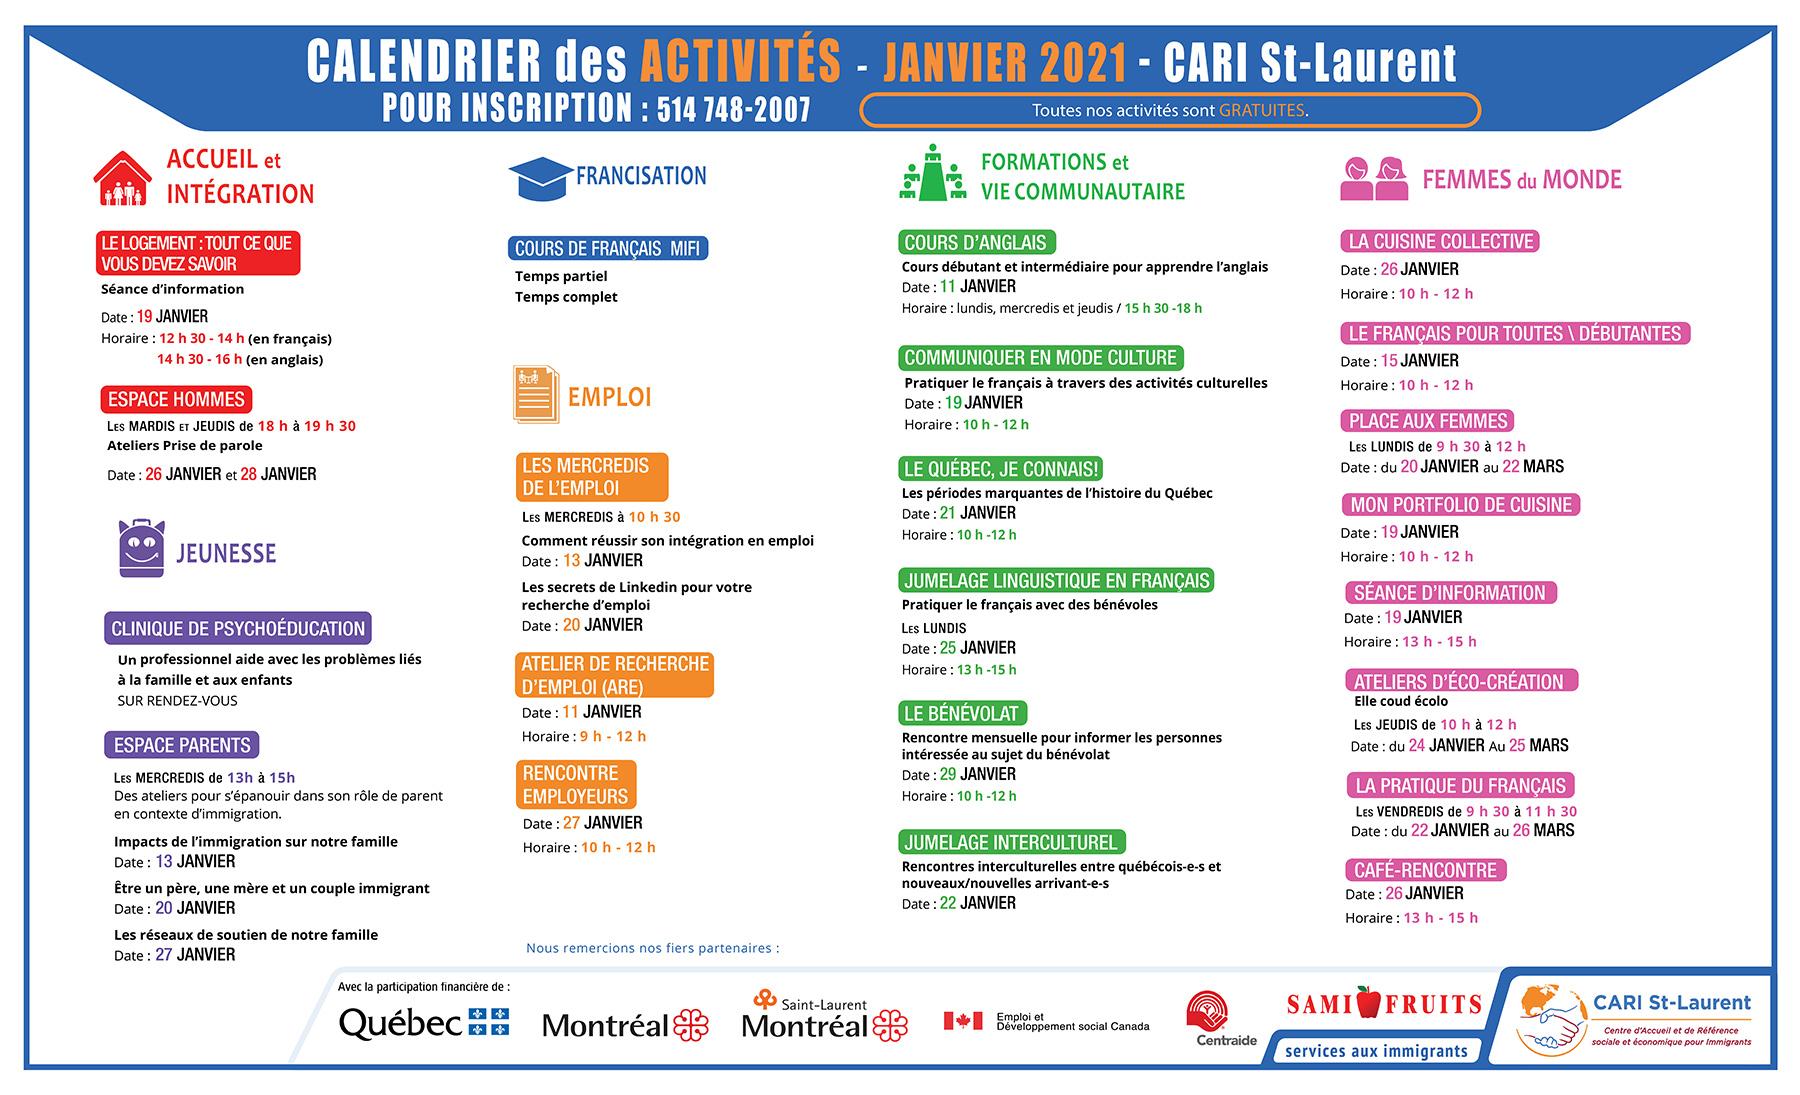 Calendrier des activités Janvier 2021